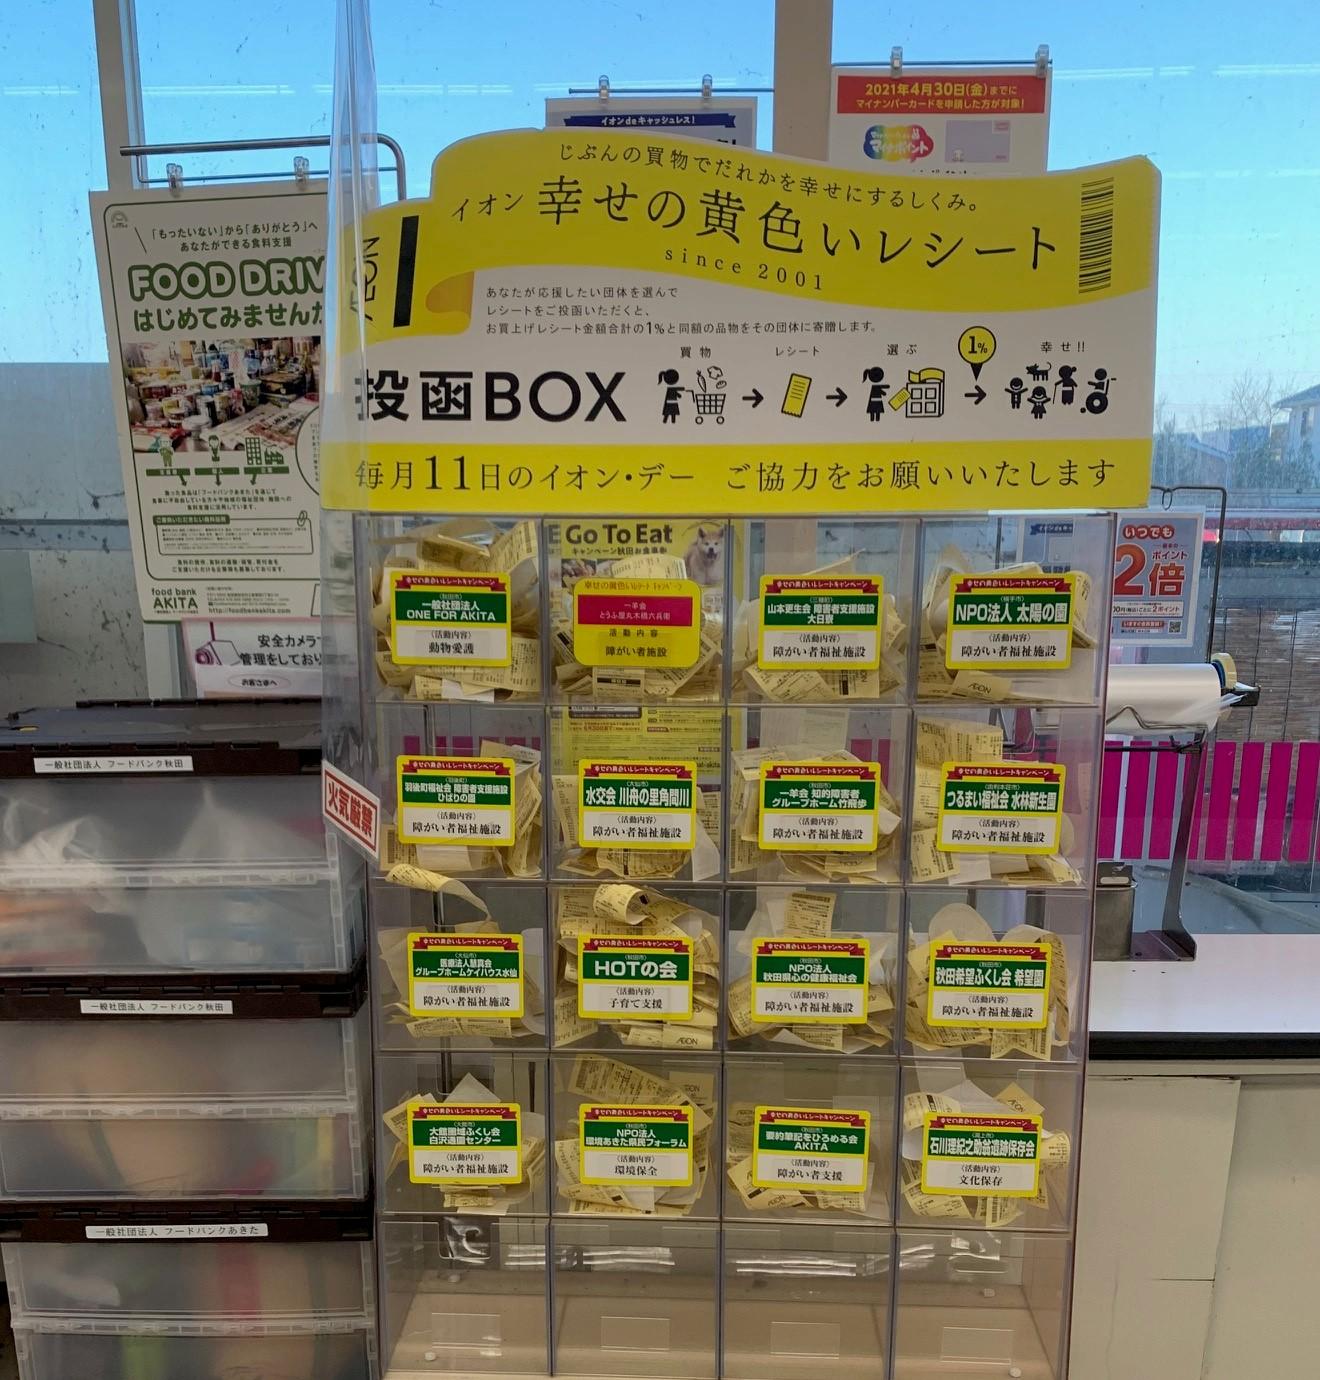 イオングループが毎月11日「イオン・デー」に実施している、「イオン 幸せの黄色いレシートキャンペーン」をご存知ですか?